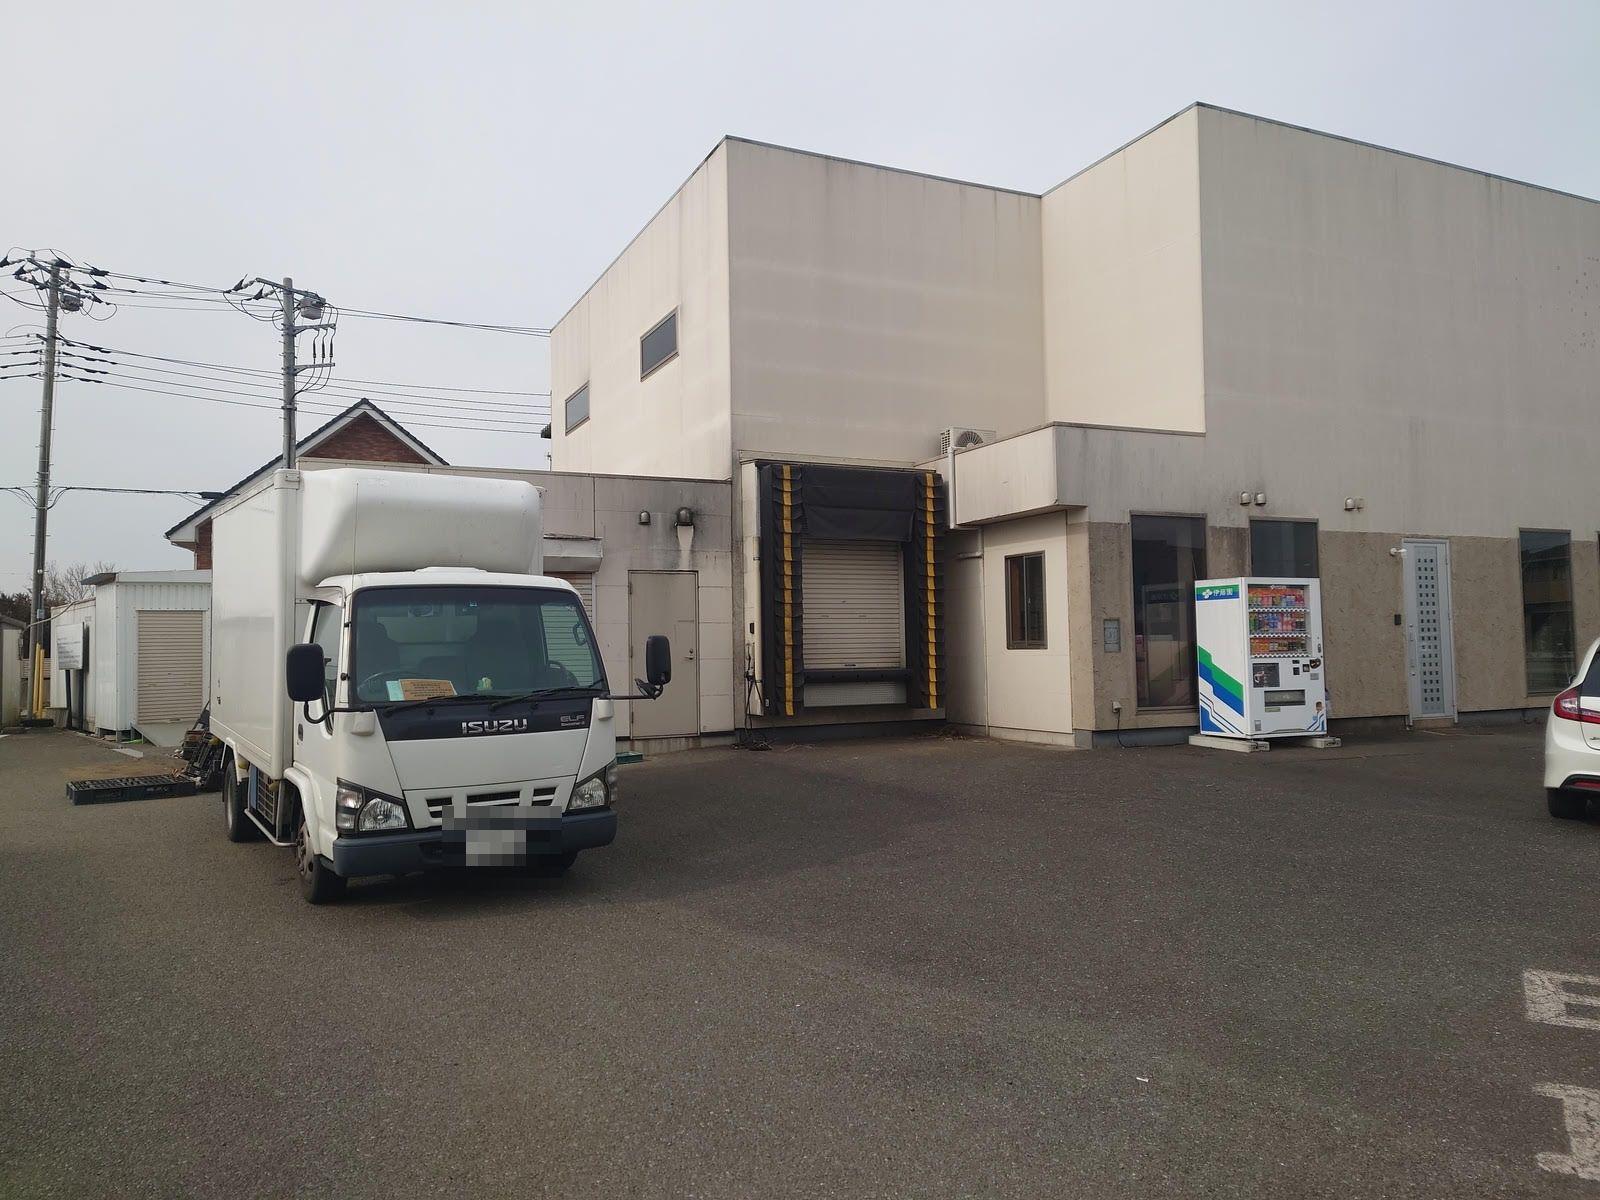 ムツミグローバルフーズネットワークのプロセスセンター(千葉県八街市)(TSR撮影、2021年2月)